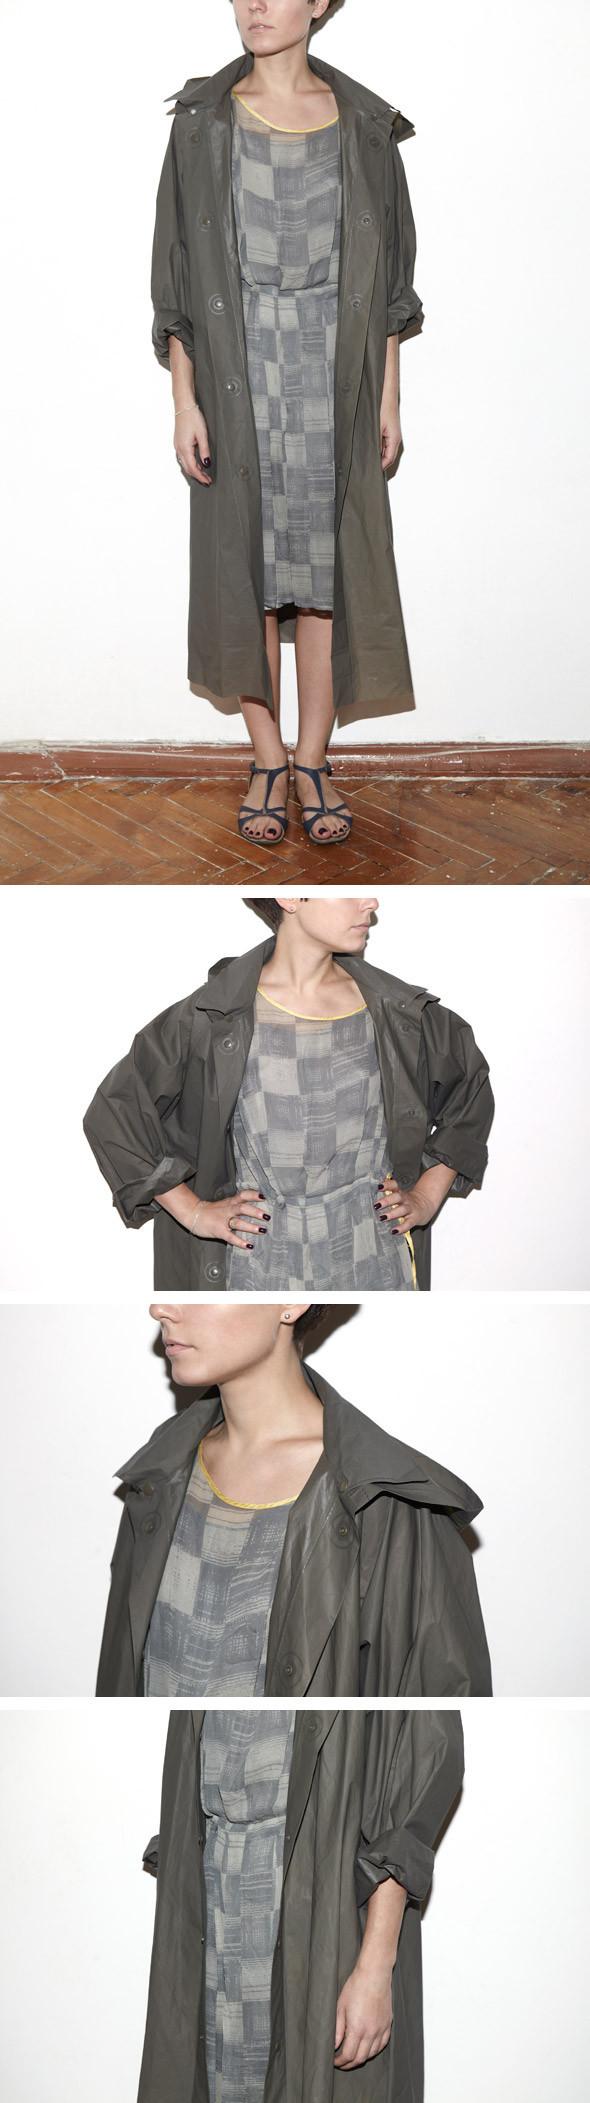 Гардероб: Марина Николаевна, бренд-менеджер JNBY, основатель платформы Items. Изображение № 14.